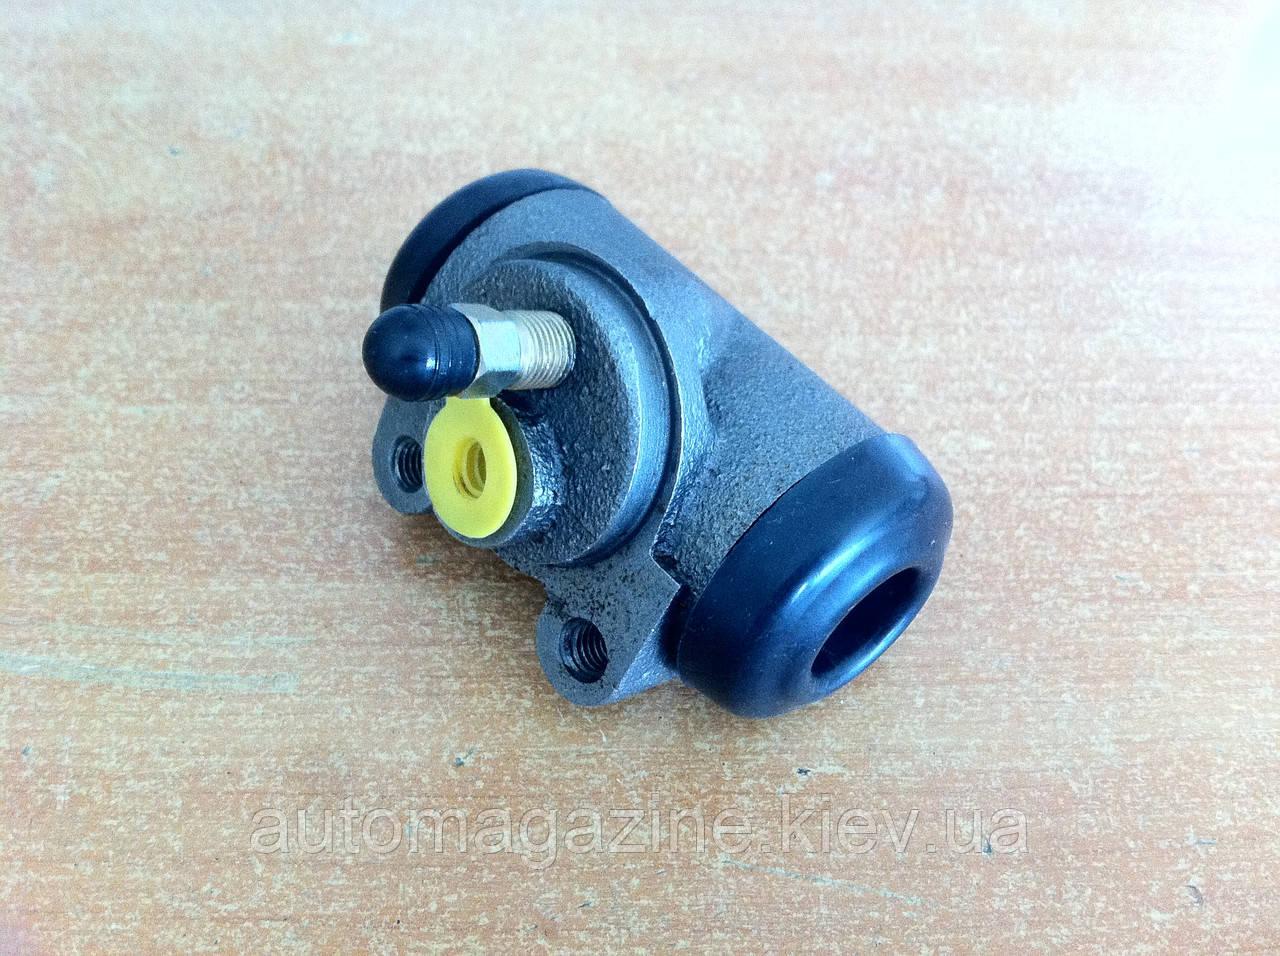 Цилиндр тормозной рабочий задний УАЗ (новый образец)